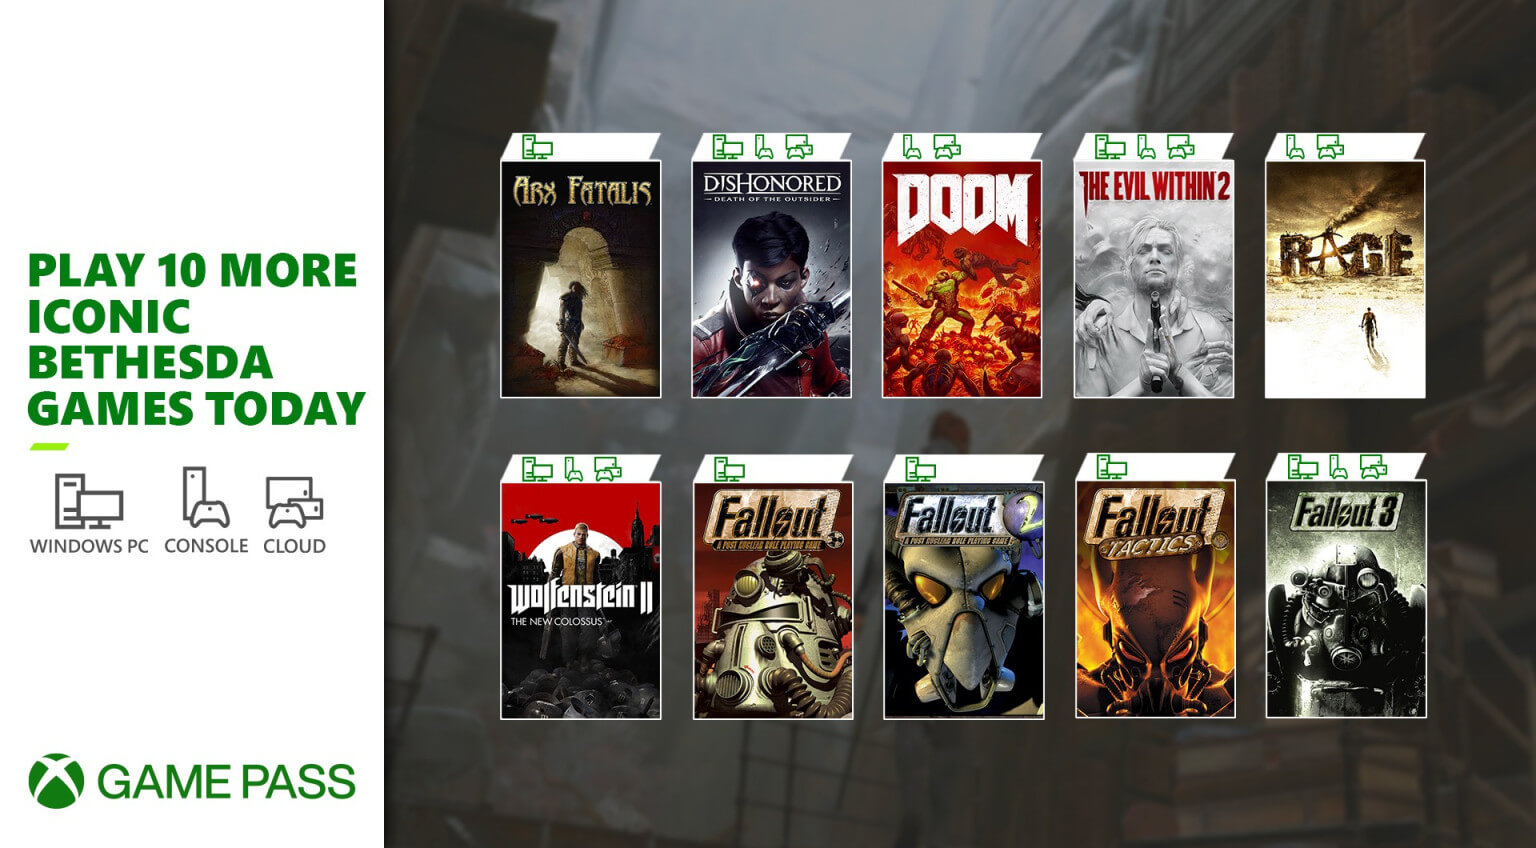 12 νέοι τίτλοι διαθέσιμοι από σήμερα στο XBOX Game Pass για κονσόλα και PC